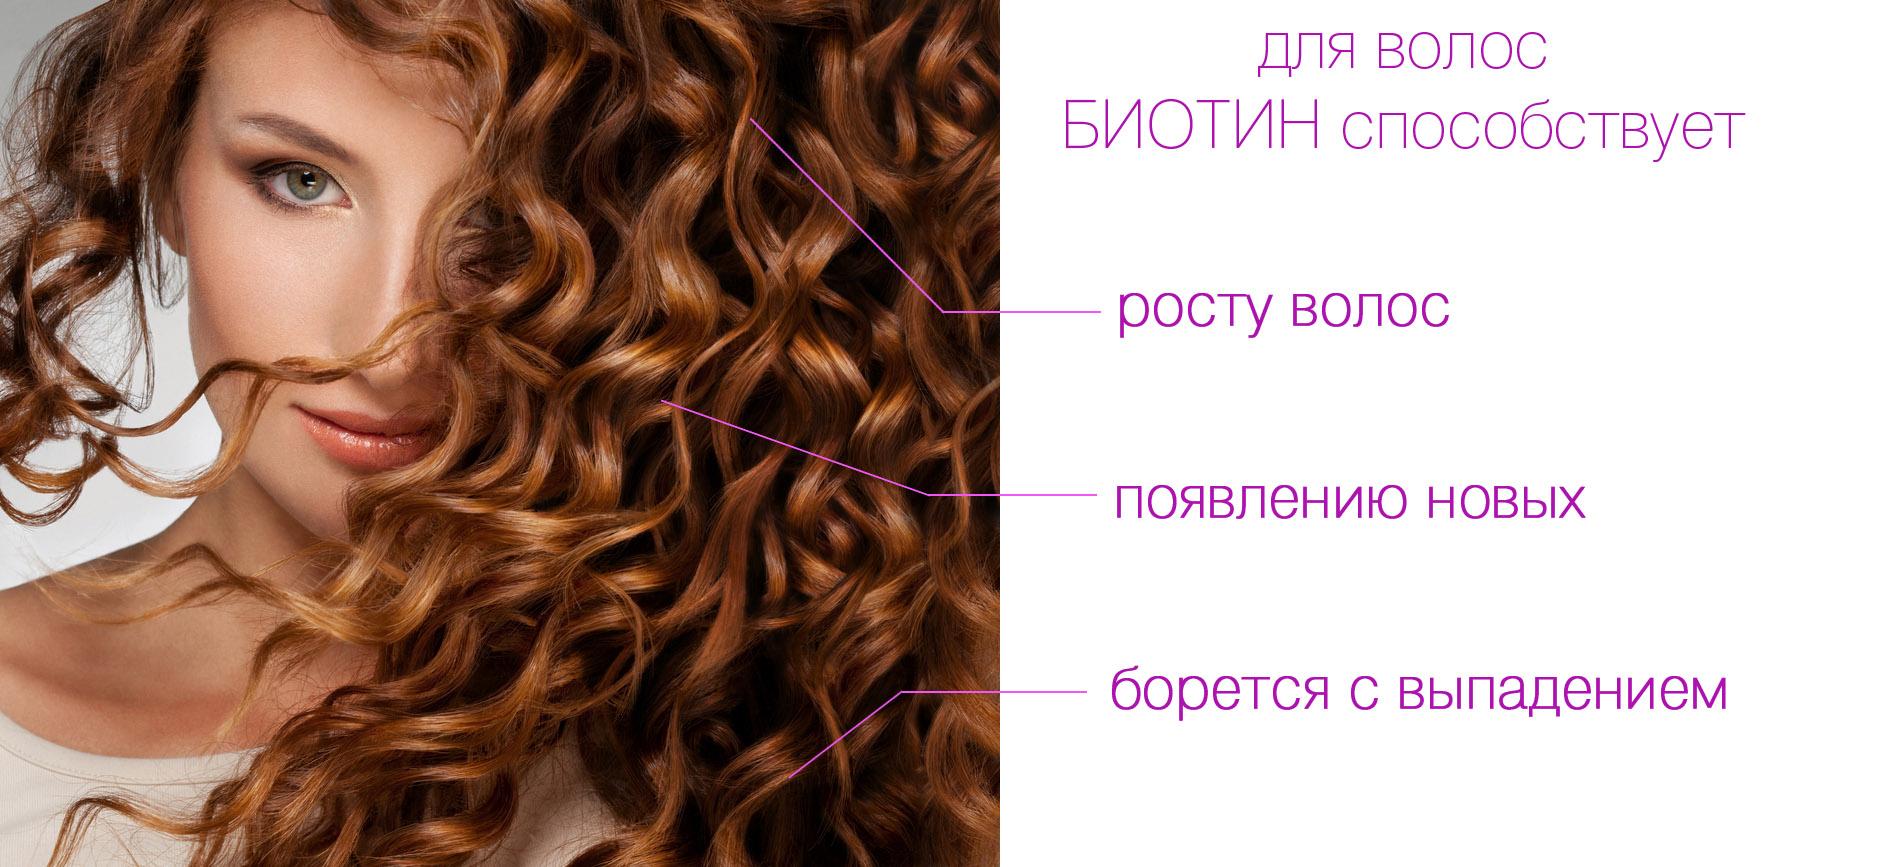 биотин способствет росту волос, укреплению волос, появлению новых волосков